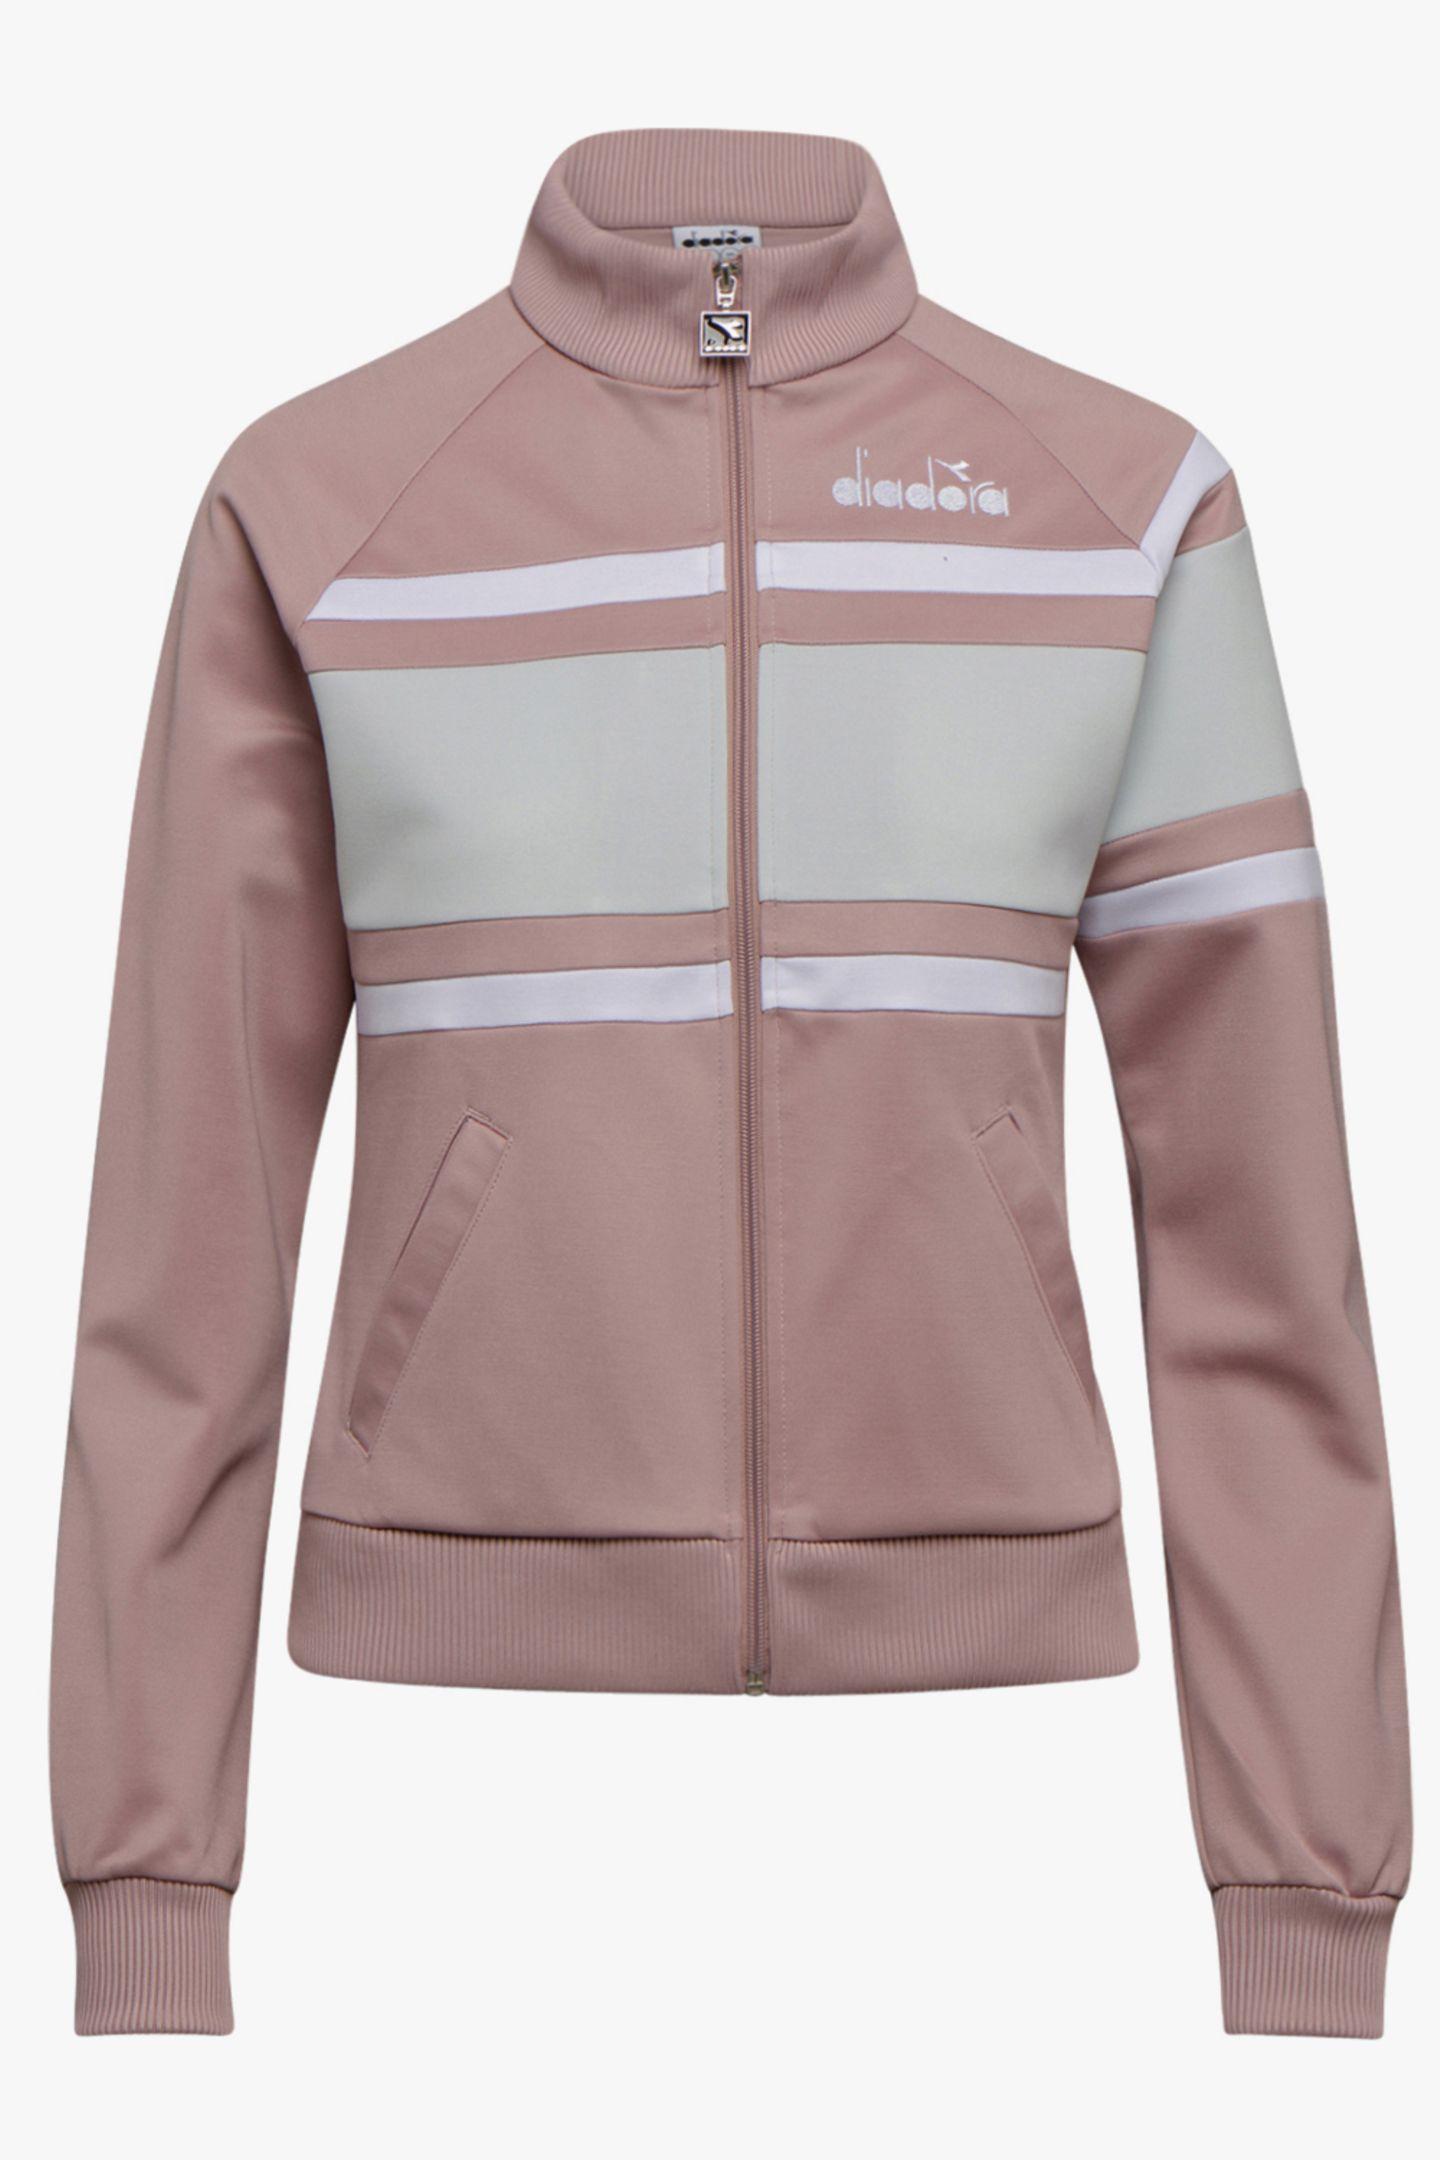 Die Jacke im 80's-Style kann man nicht nur beim Sport, sondern auch lässig in der Freizeit tragen. Von Diadora, ca. 70 Euro